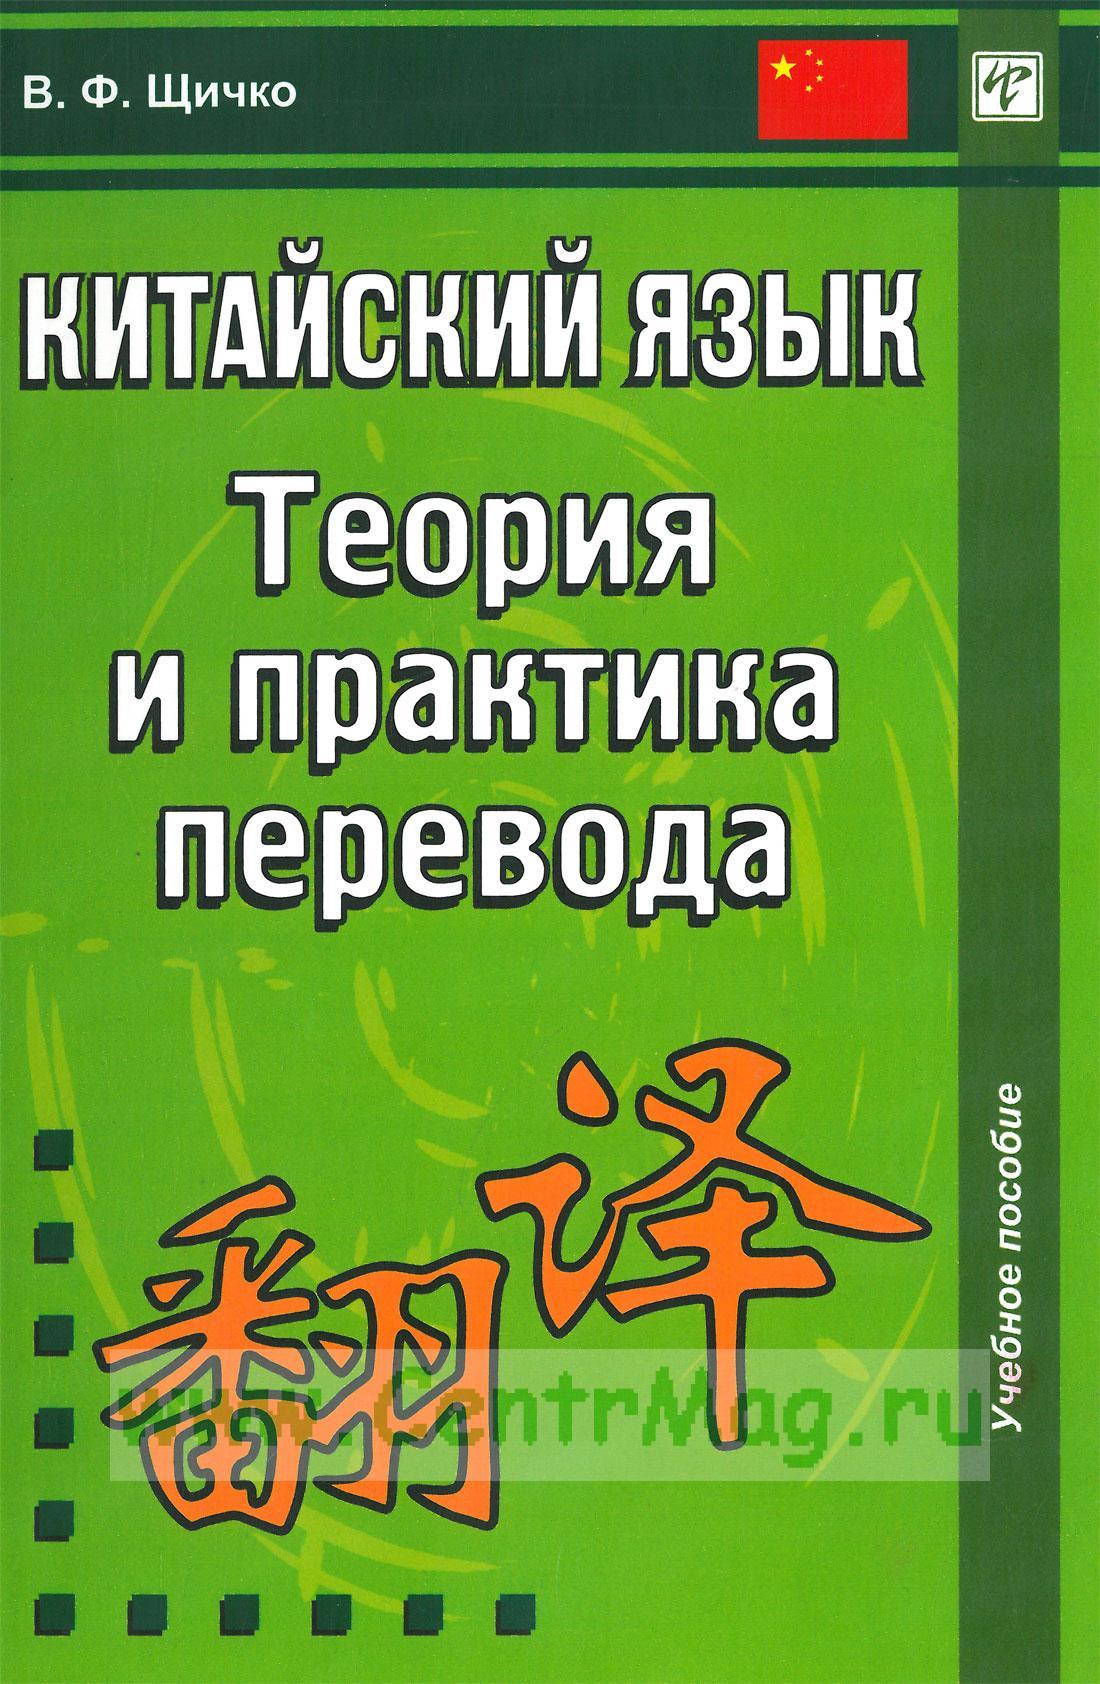 Китайский язык. Теория и практика перевода (3-е издание, исправленное и дополненное)